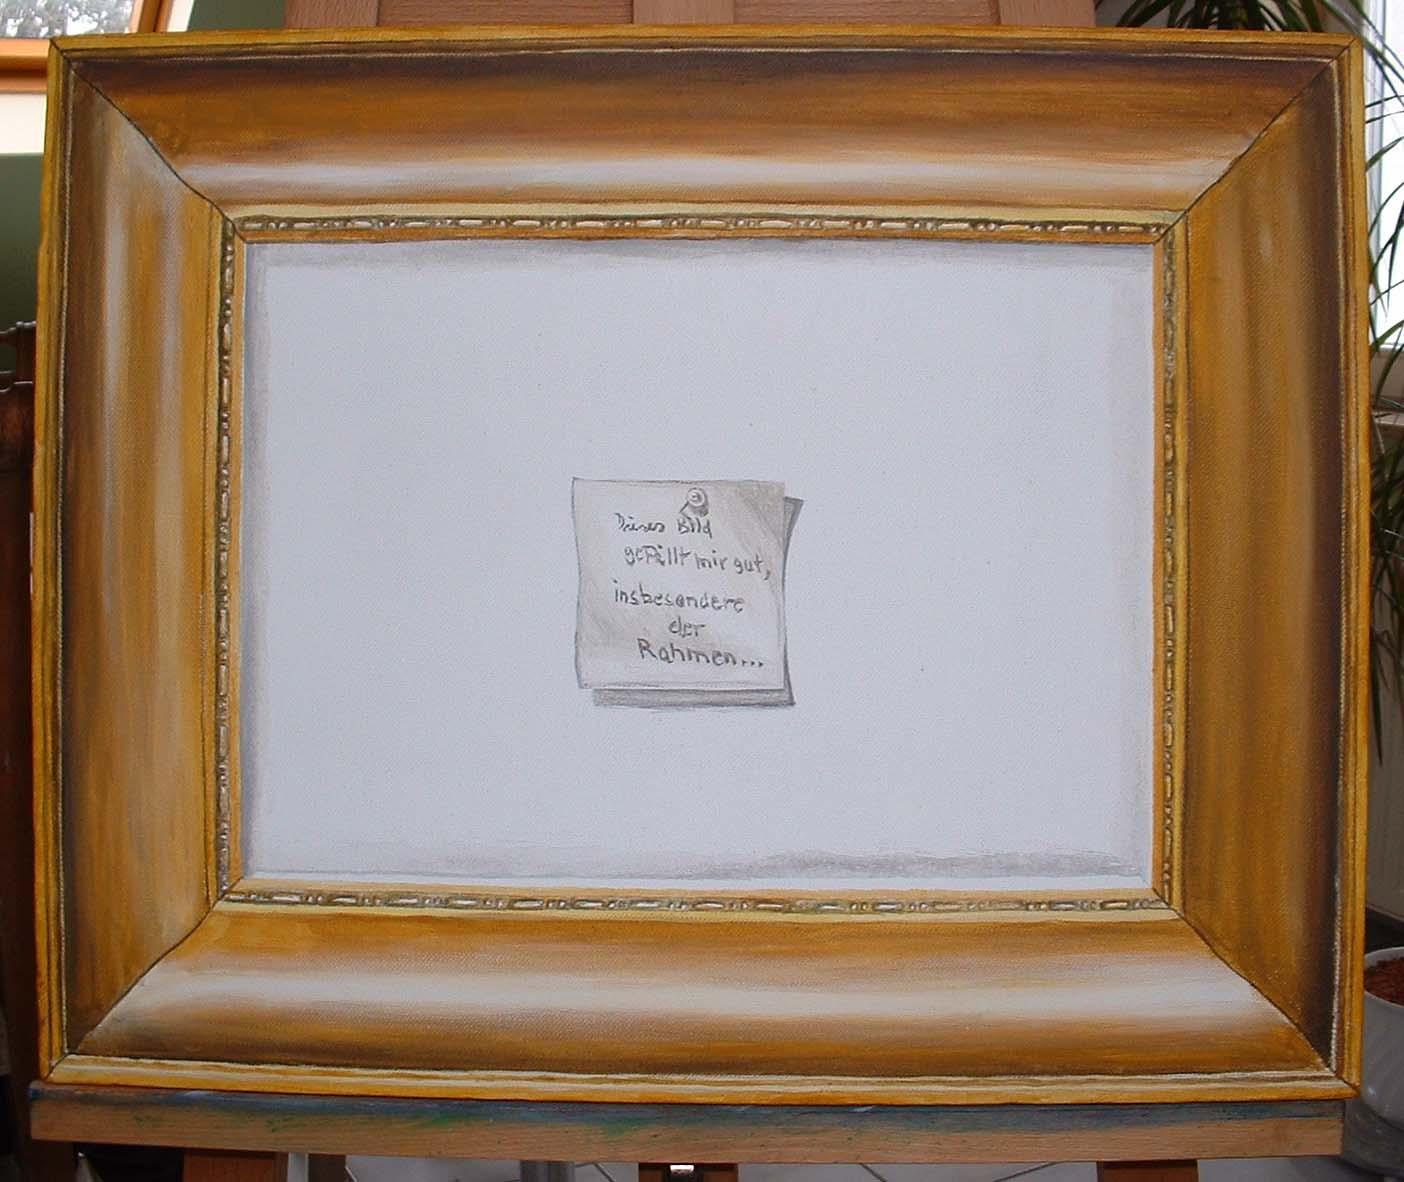 Gefälliger Rahmen: Tromploeil, Malerei, Bilderrahmen, Acrylmalerei ...